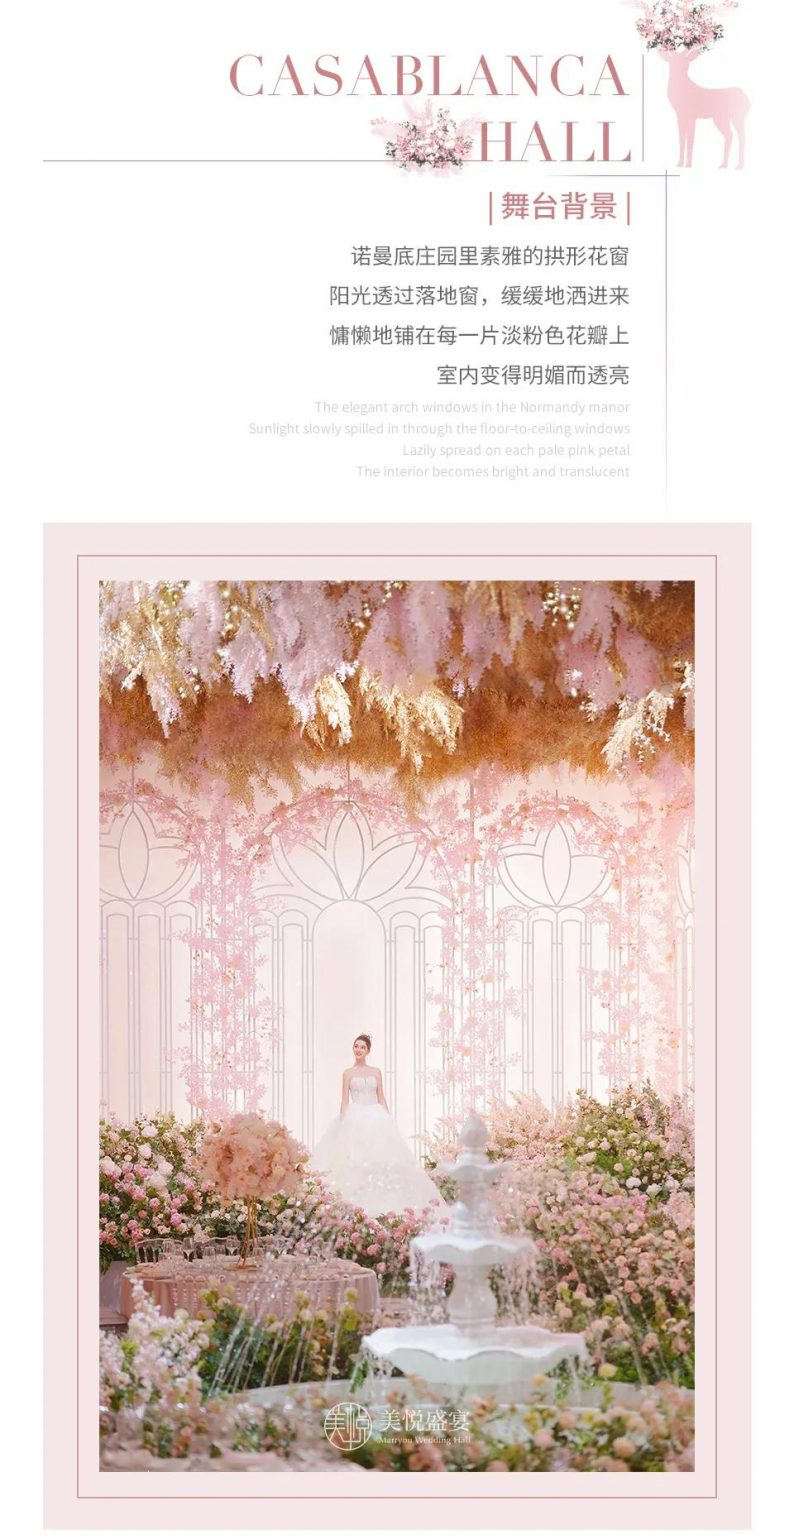 婚礼堂发布:粉色浪漫花园!广州美悦盛宴「卡萨布兰卡厅」  第10张